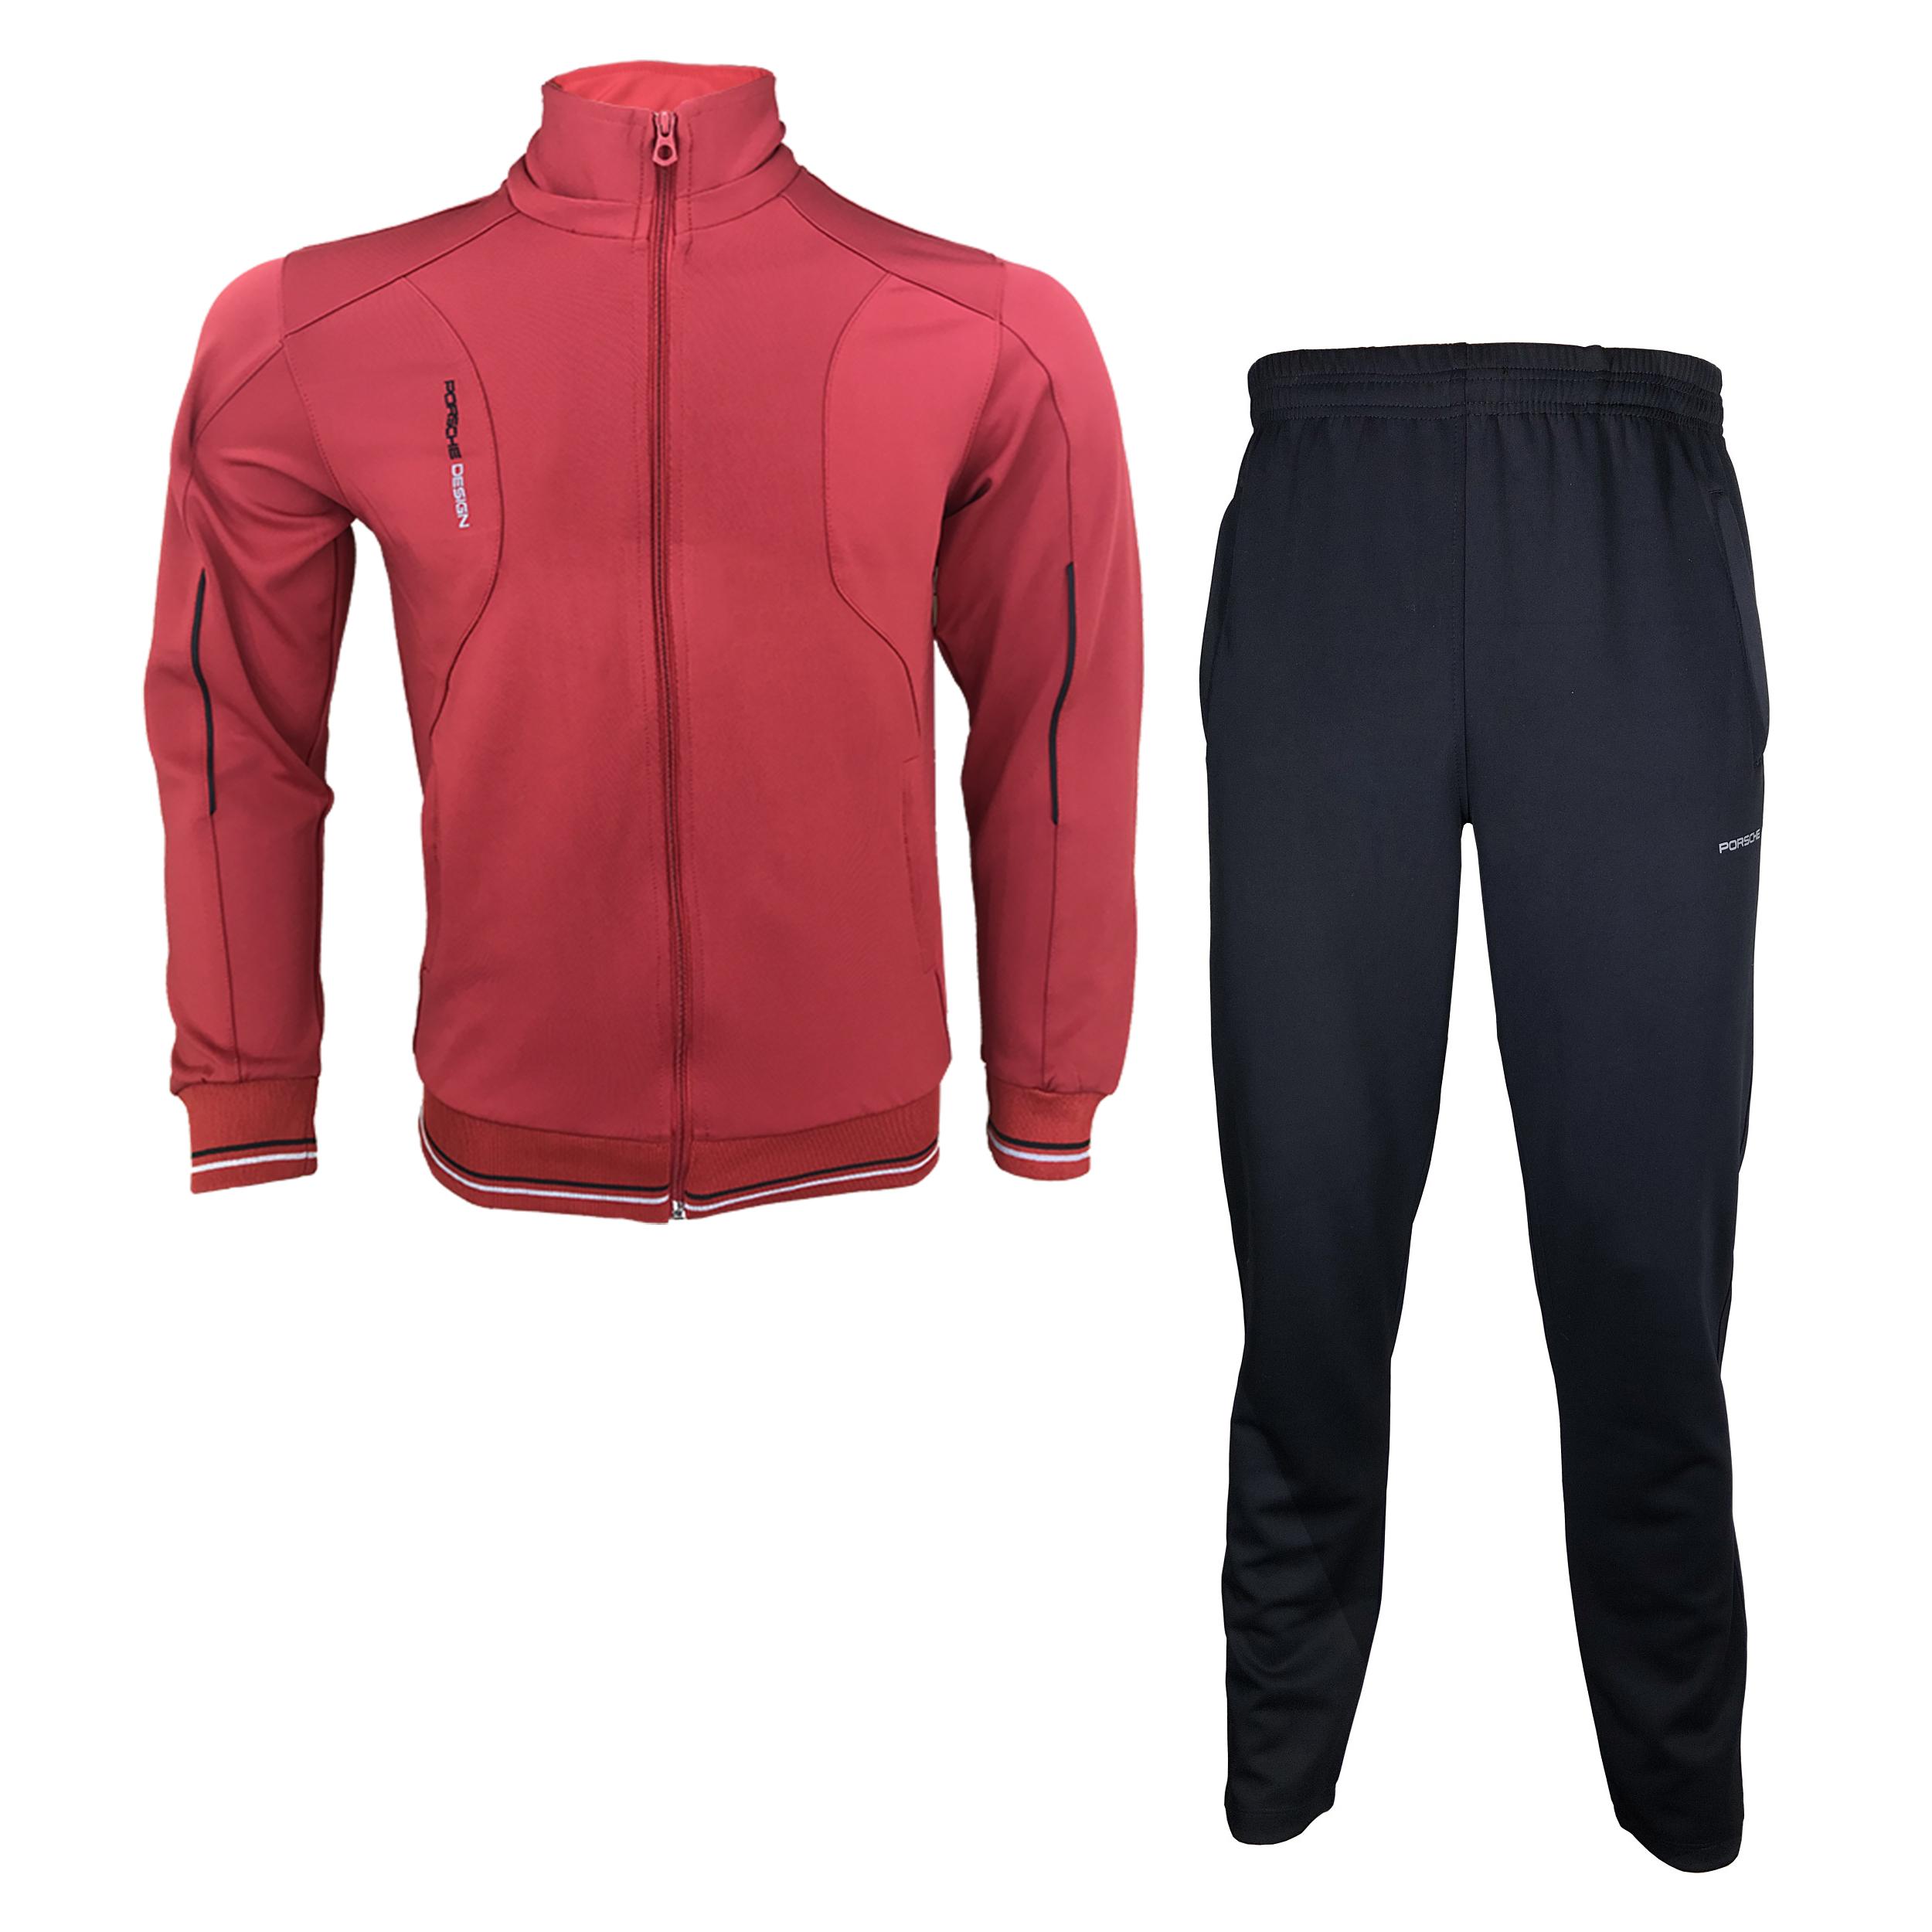 ست گرمکن و شلوار ورزشی مردانه مدل P-R06